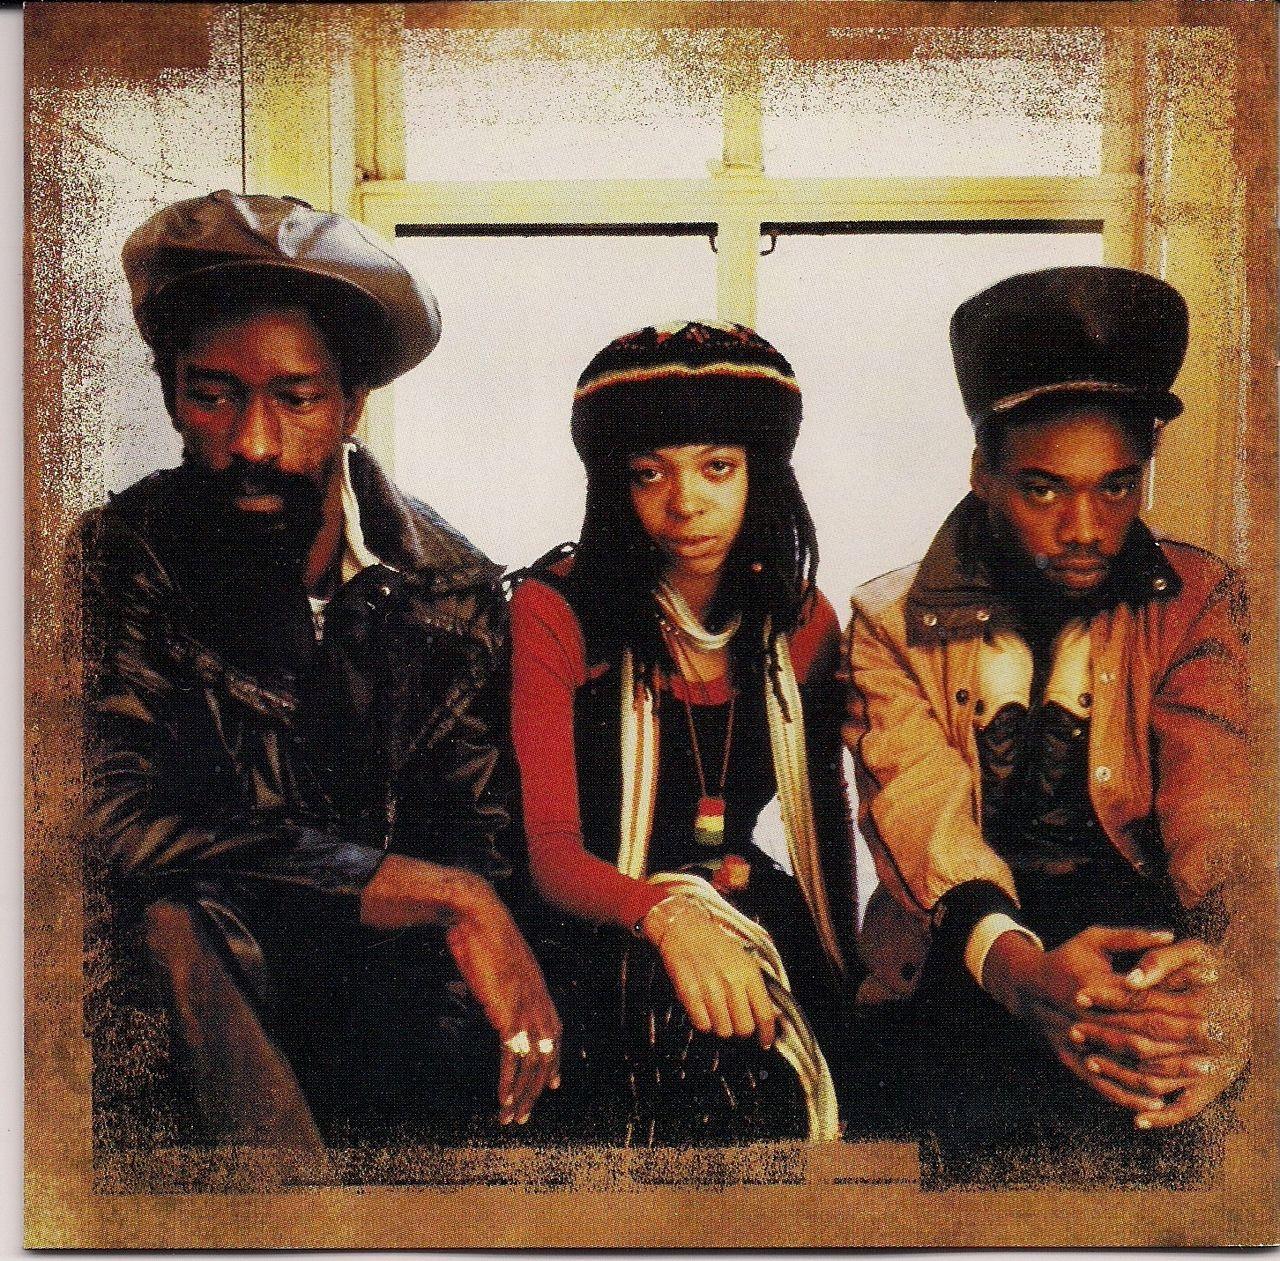 black uhuru Black music artists, Roots reggae